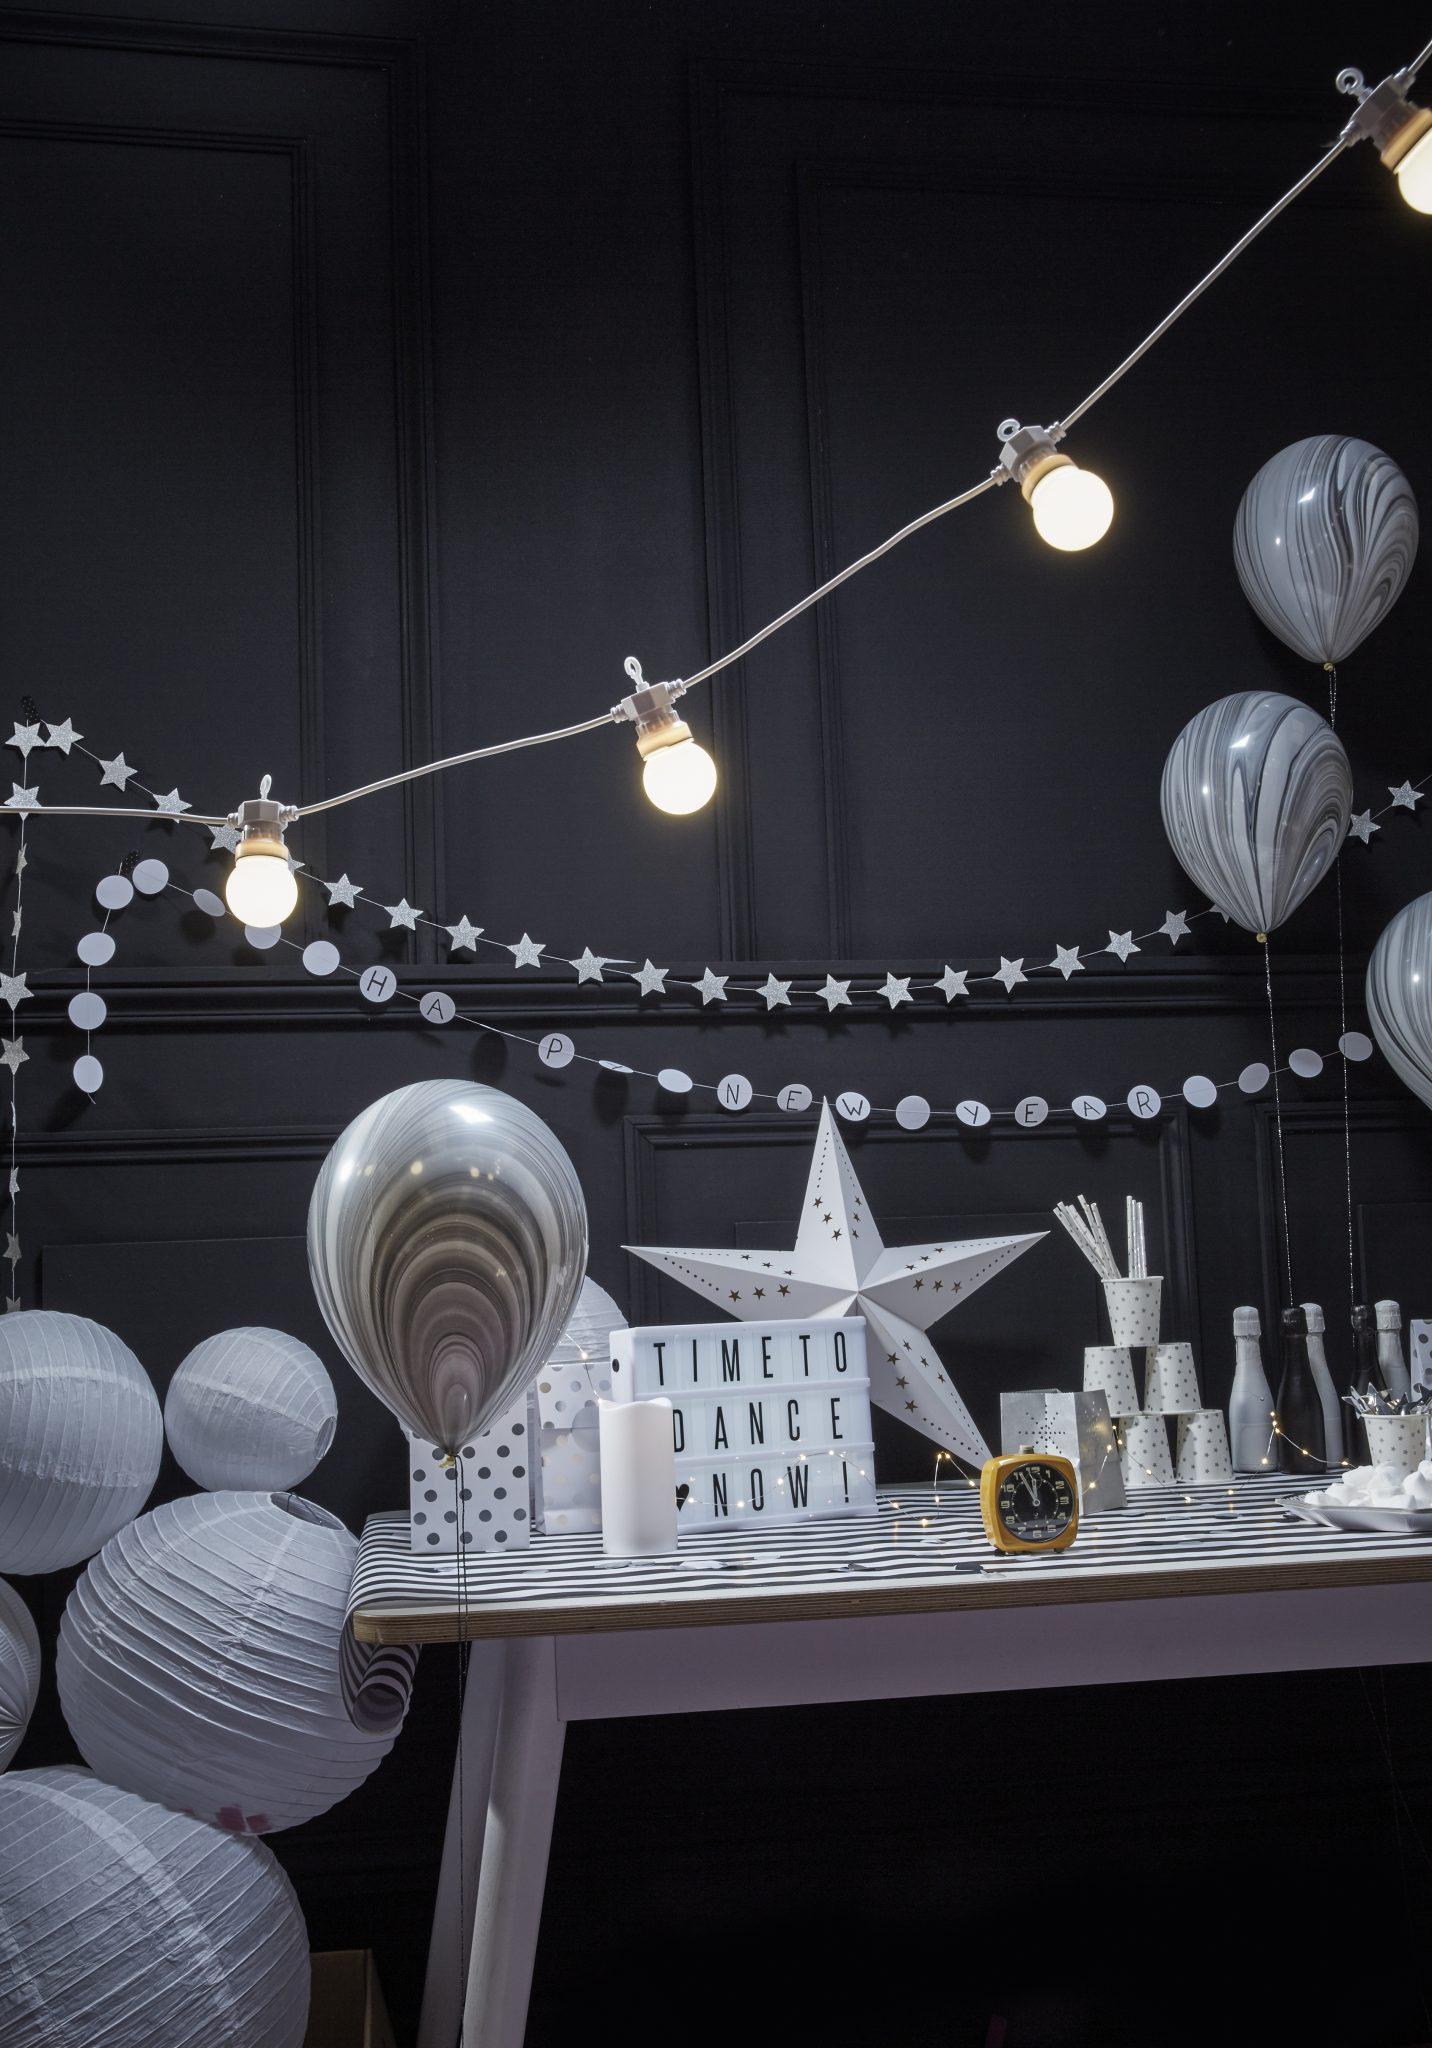 décoration nouvel an bonne année noir blanc argent blanc noir saint  sylvestre 31 décembre 829bed68d79